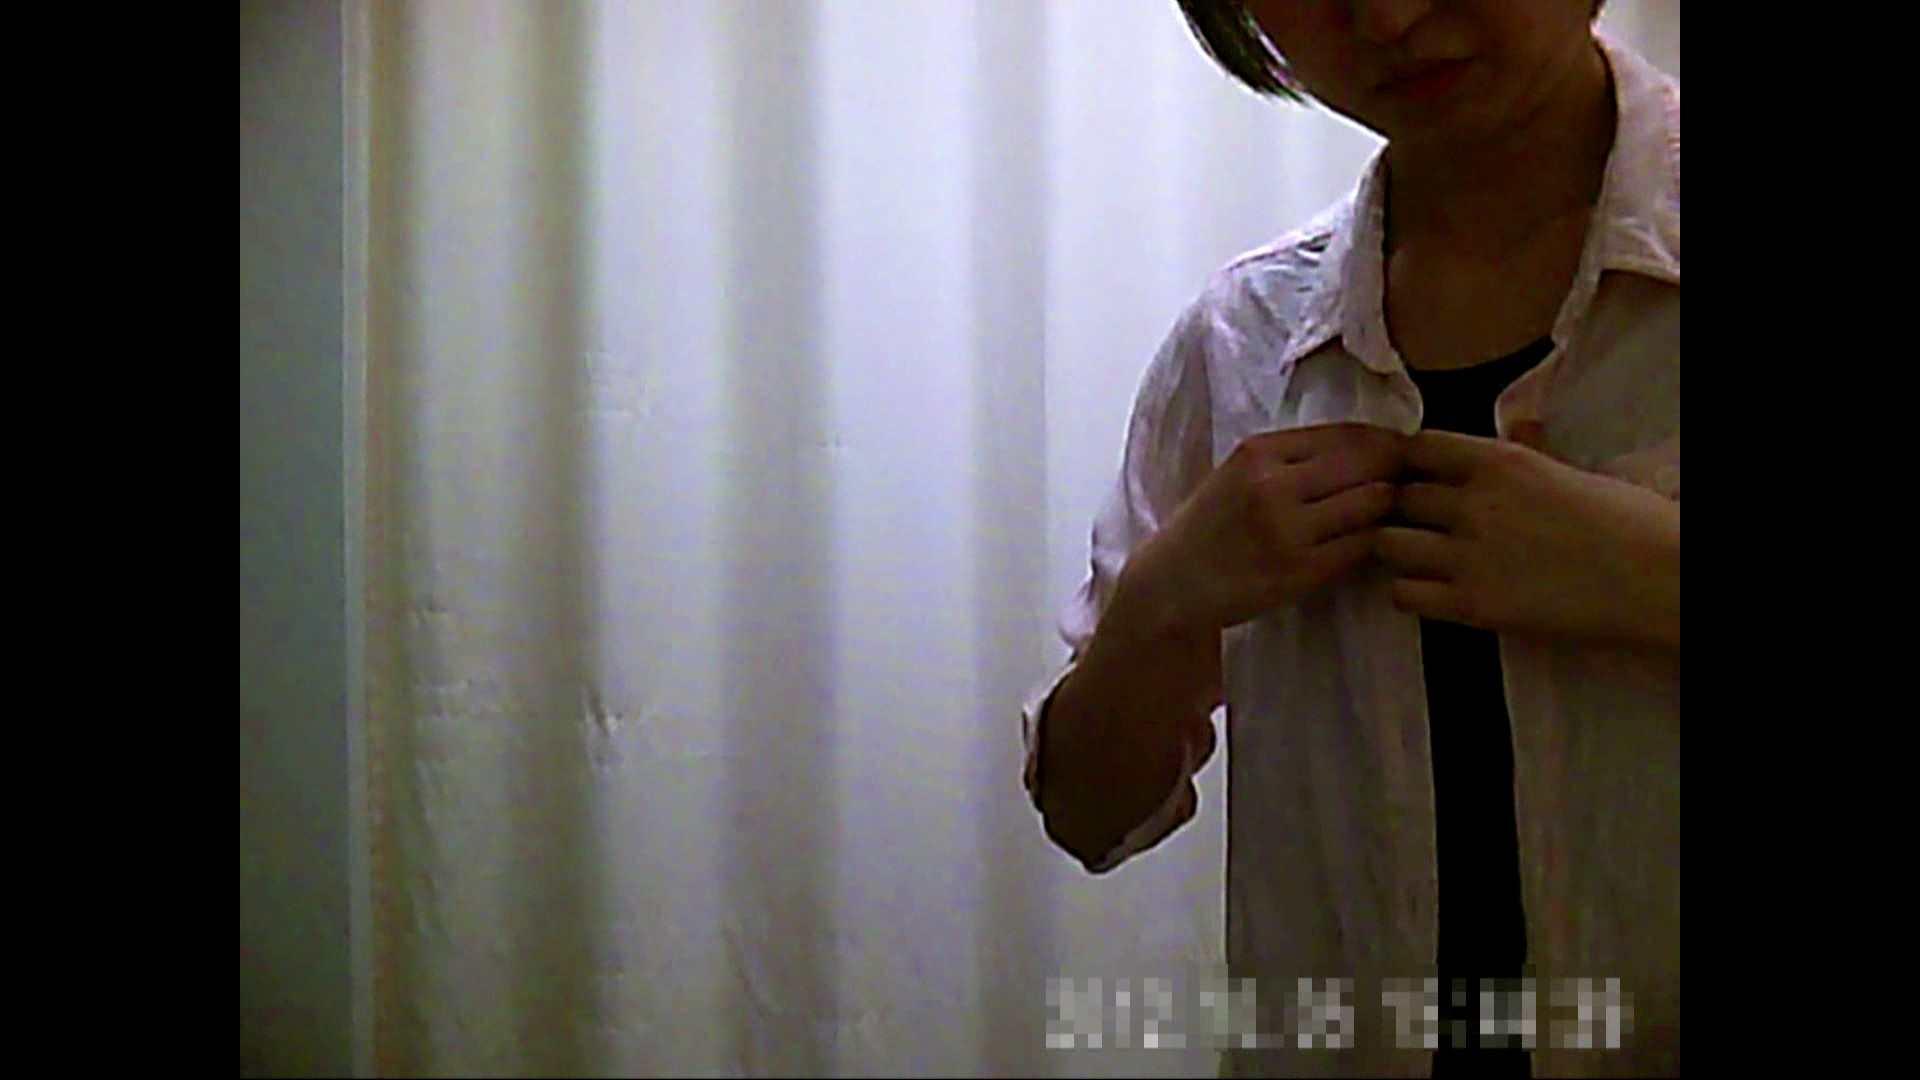 病院おもいっきり着替え! vol.230 OLヌード天国 ヌード画像 81PIX 37